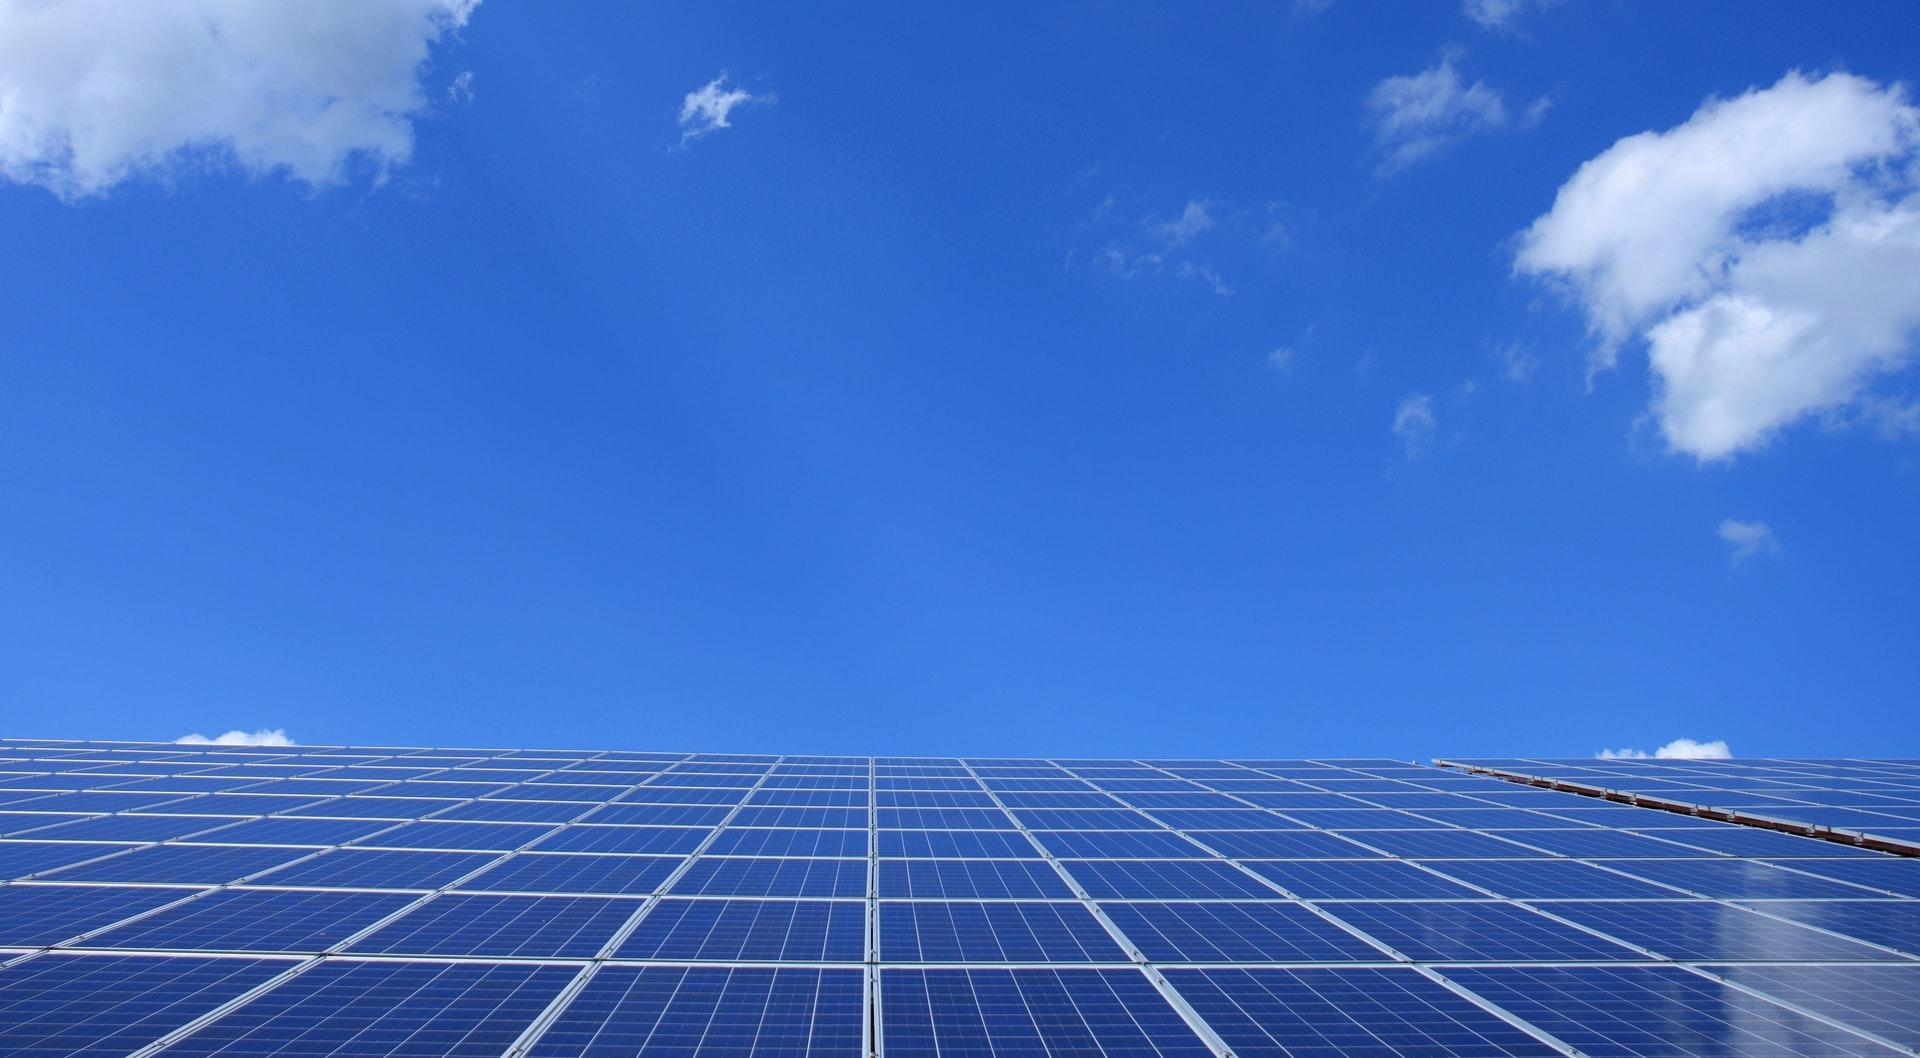 Pexels Modulos Fotovoltaicos